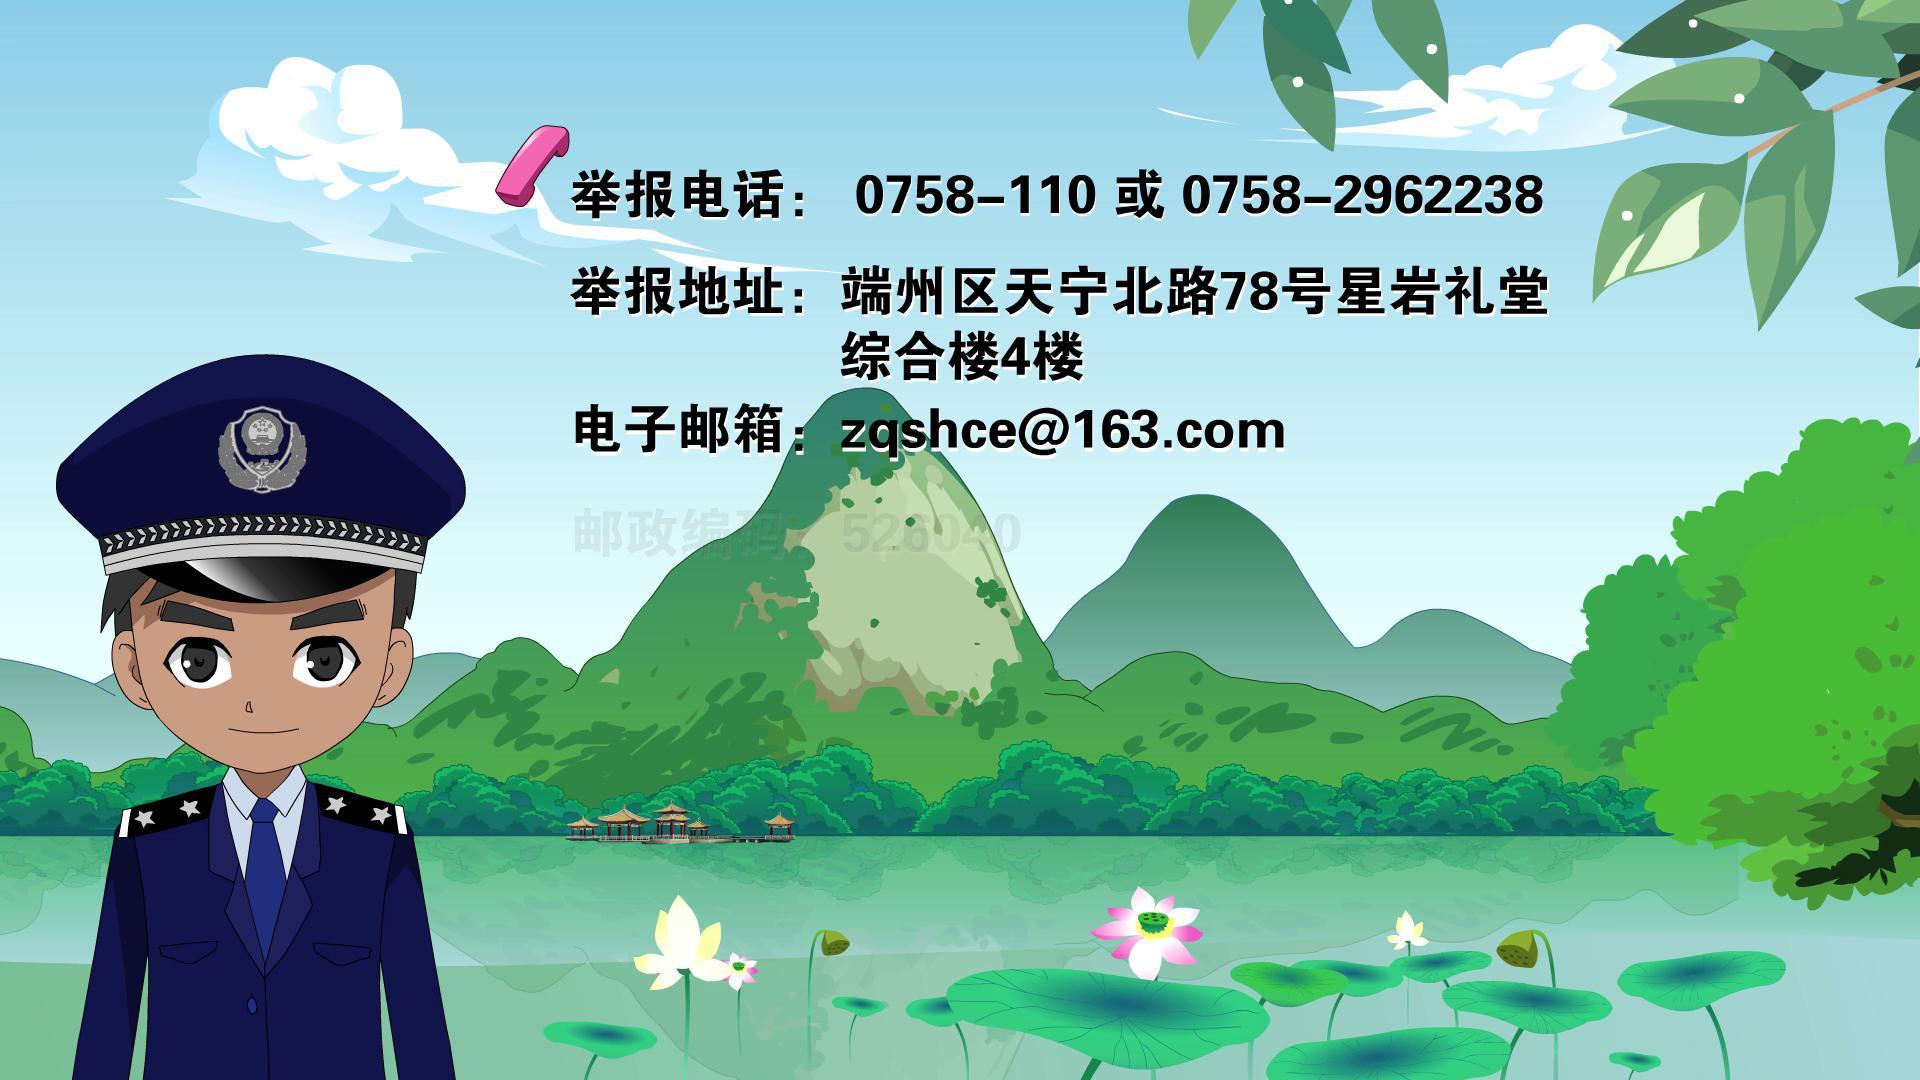 肇庆市扫黑除恶动漫宣传片(时长60秒)